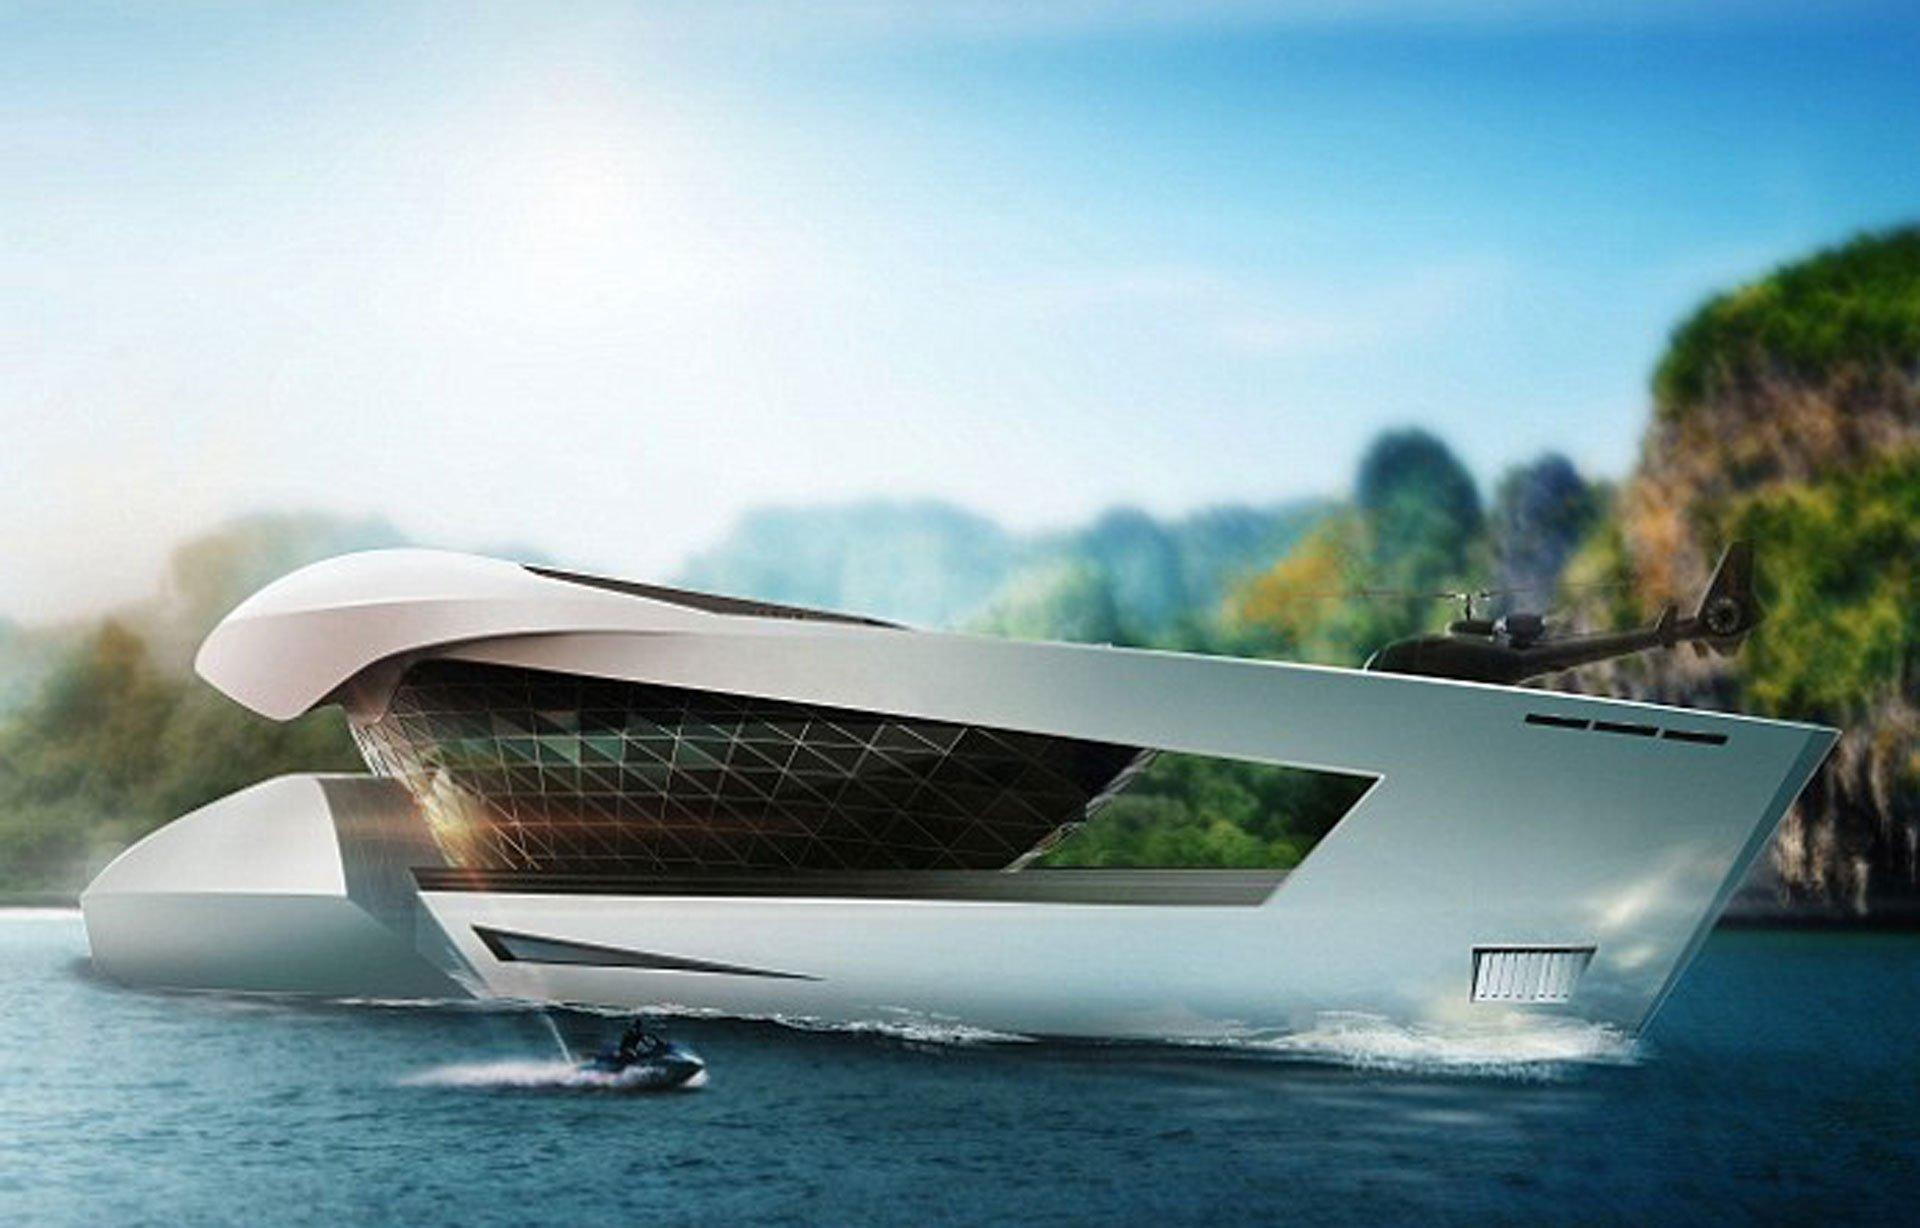 Las imágenes pertenecen al render que realizaron en Sea Level. Permite ver el futurismo que tienen en mente los diseñadores